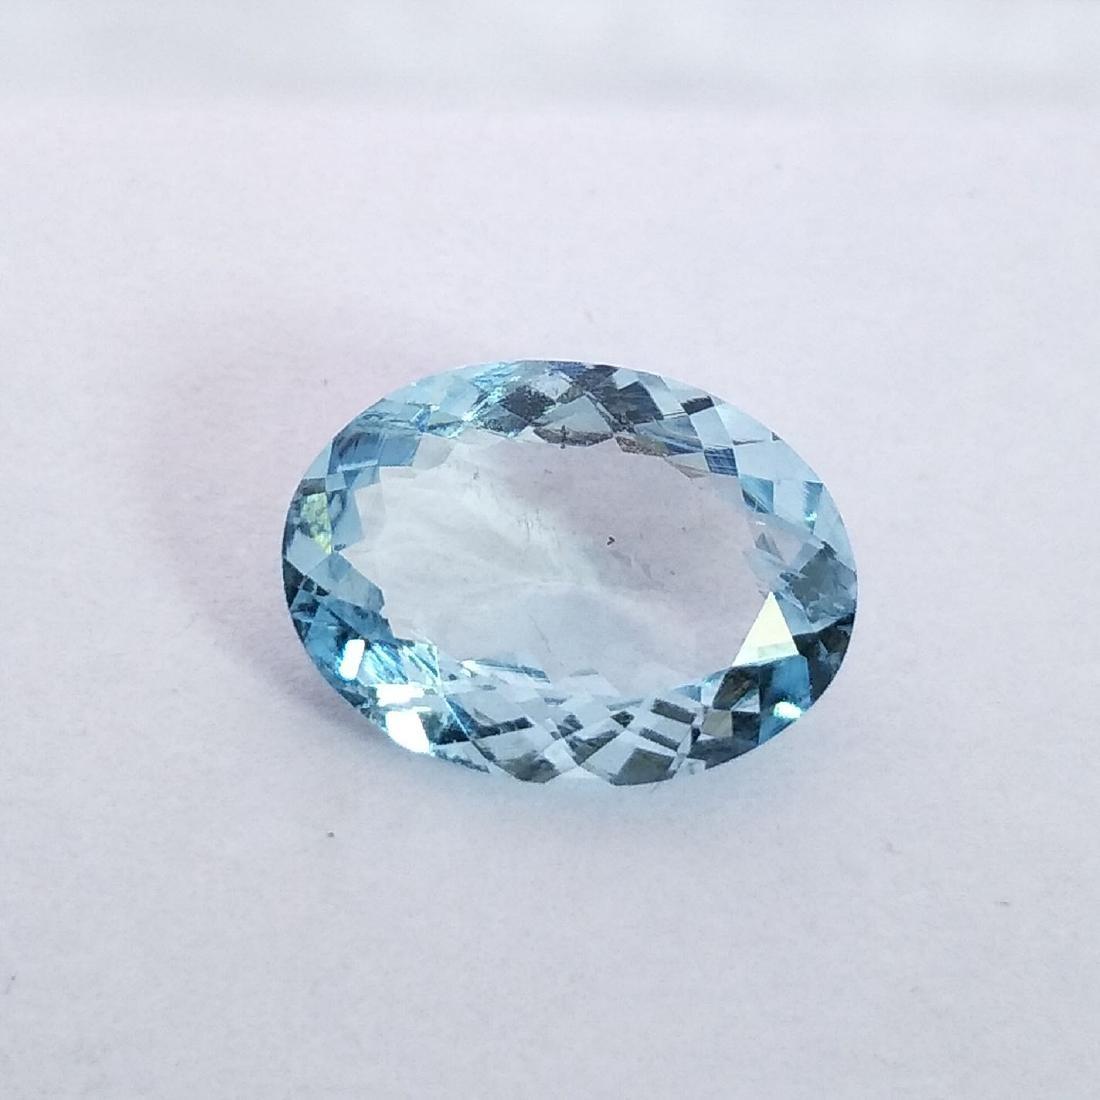 Aquamarine - 2.79 ct